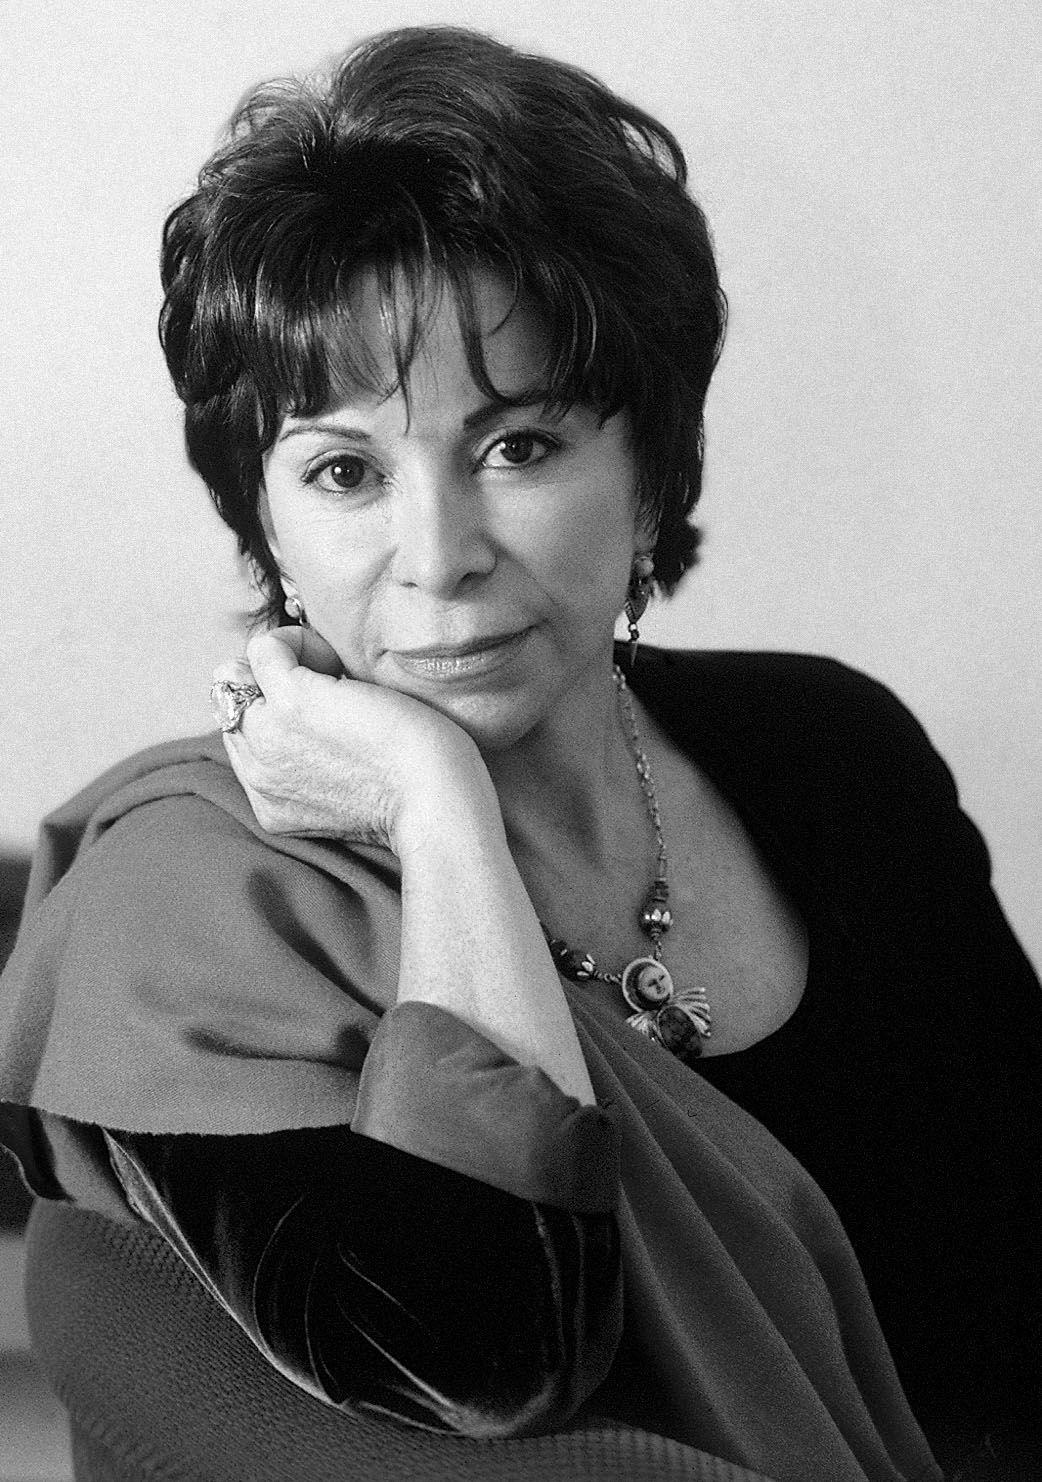 Isabel Allende de Lima, Peru.Ella cumpleaños es el 2 de agosto.Ella vive en San Rafael, California. A Isabel a mí nos gusta escribir. Nosotros las dos enseña pero yo enseña la deporte y ella enseña literatura. Nosotros las dos enseña pero yo enseña la deporte y ella enseña literatura. Nosotros las dos enseña.Isabel y yo somos creativa.